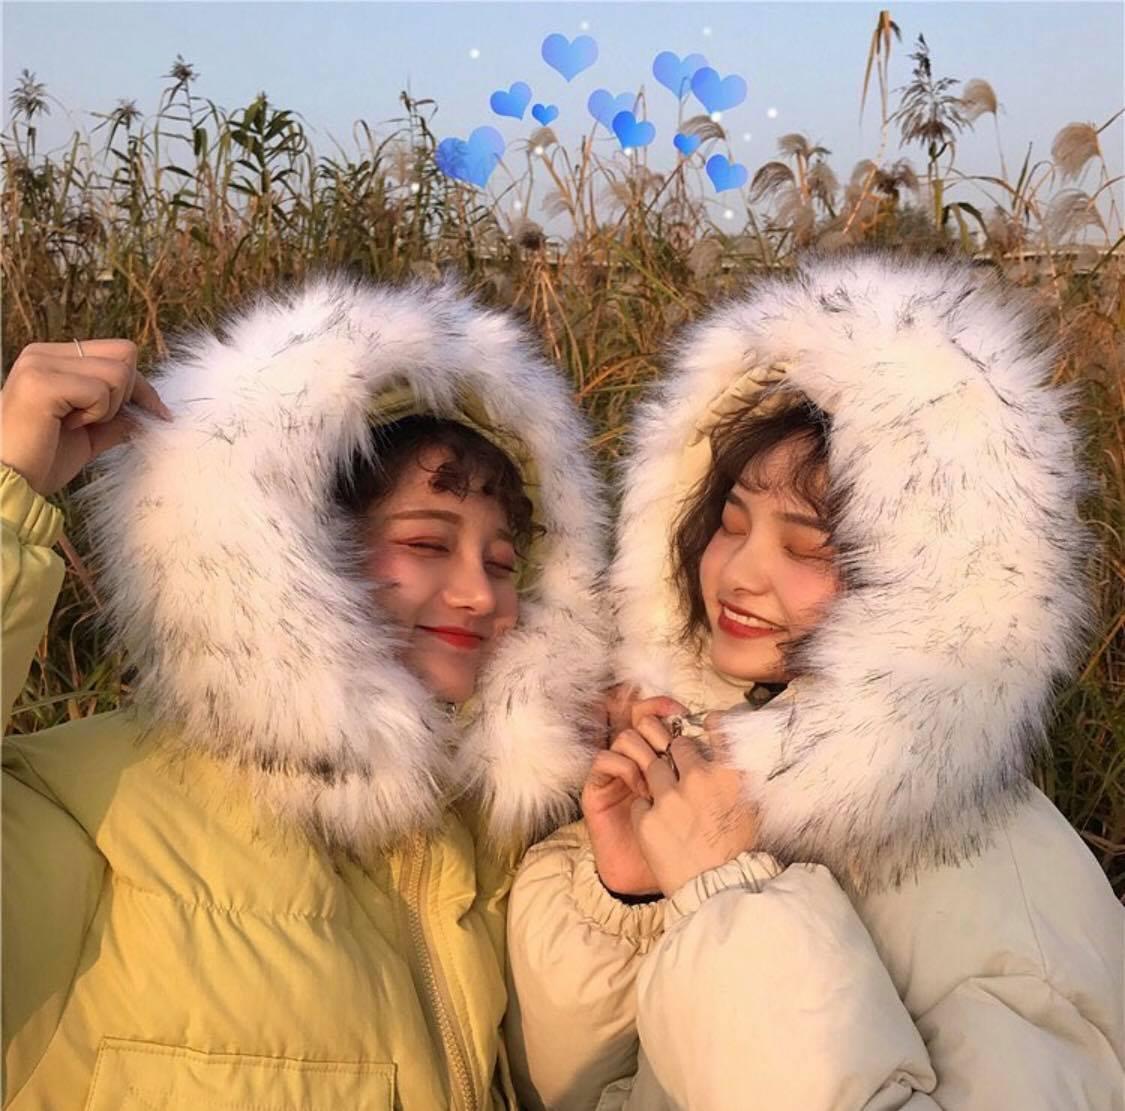 Mùa Đông không lạnh với áo khoác phong cách quấn chăn lăn ra đường - Hình 1